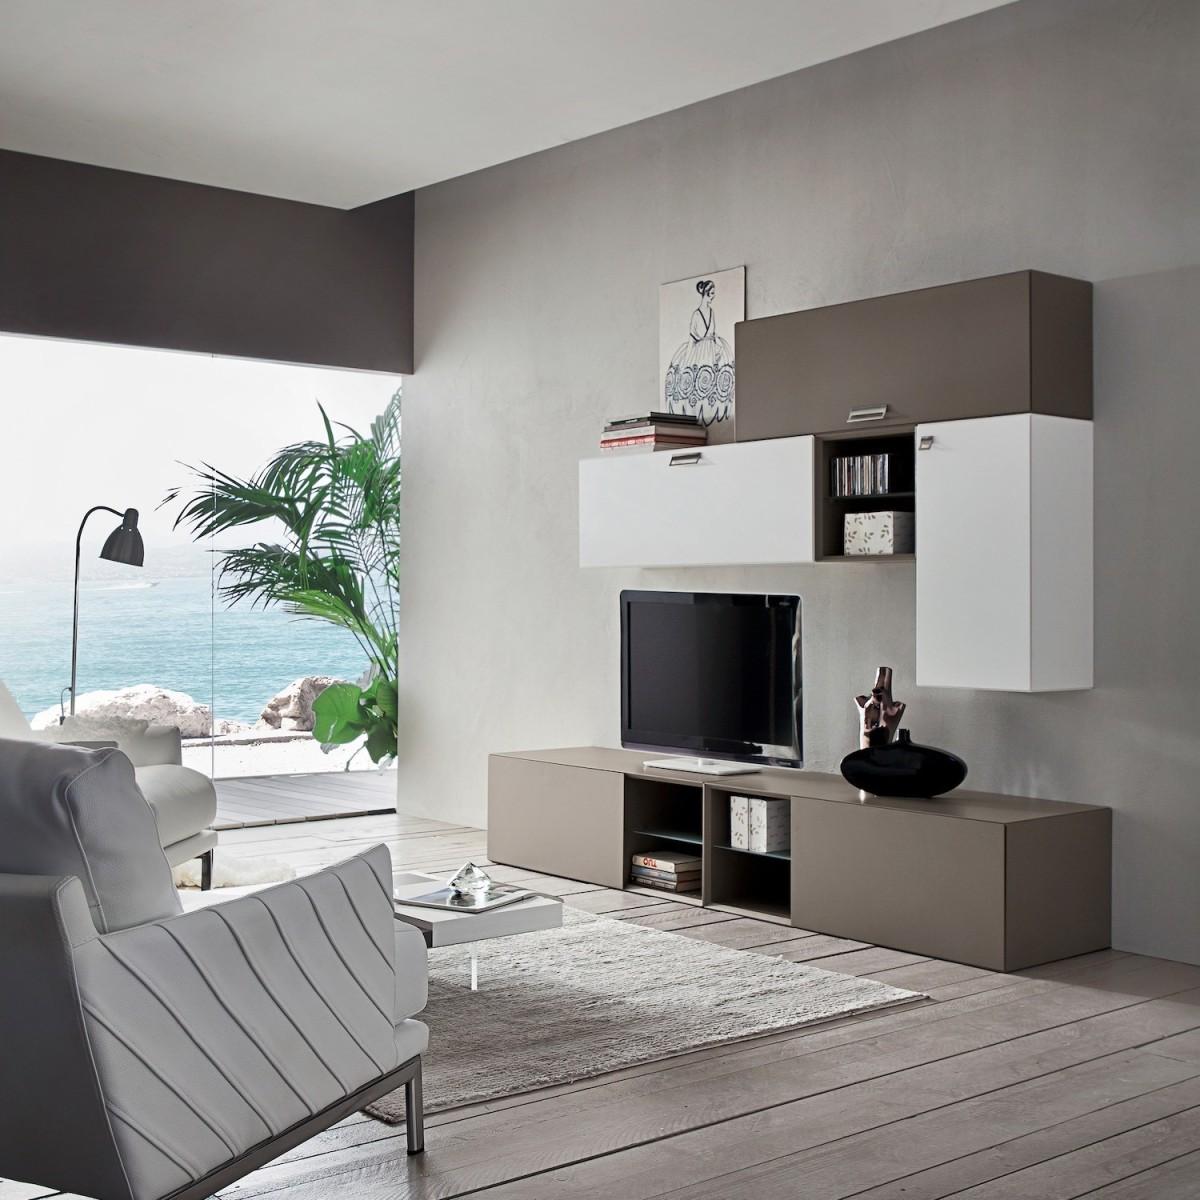 Mobili per soggiorno moderno in legno marko for Oggetti per cucina moderna